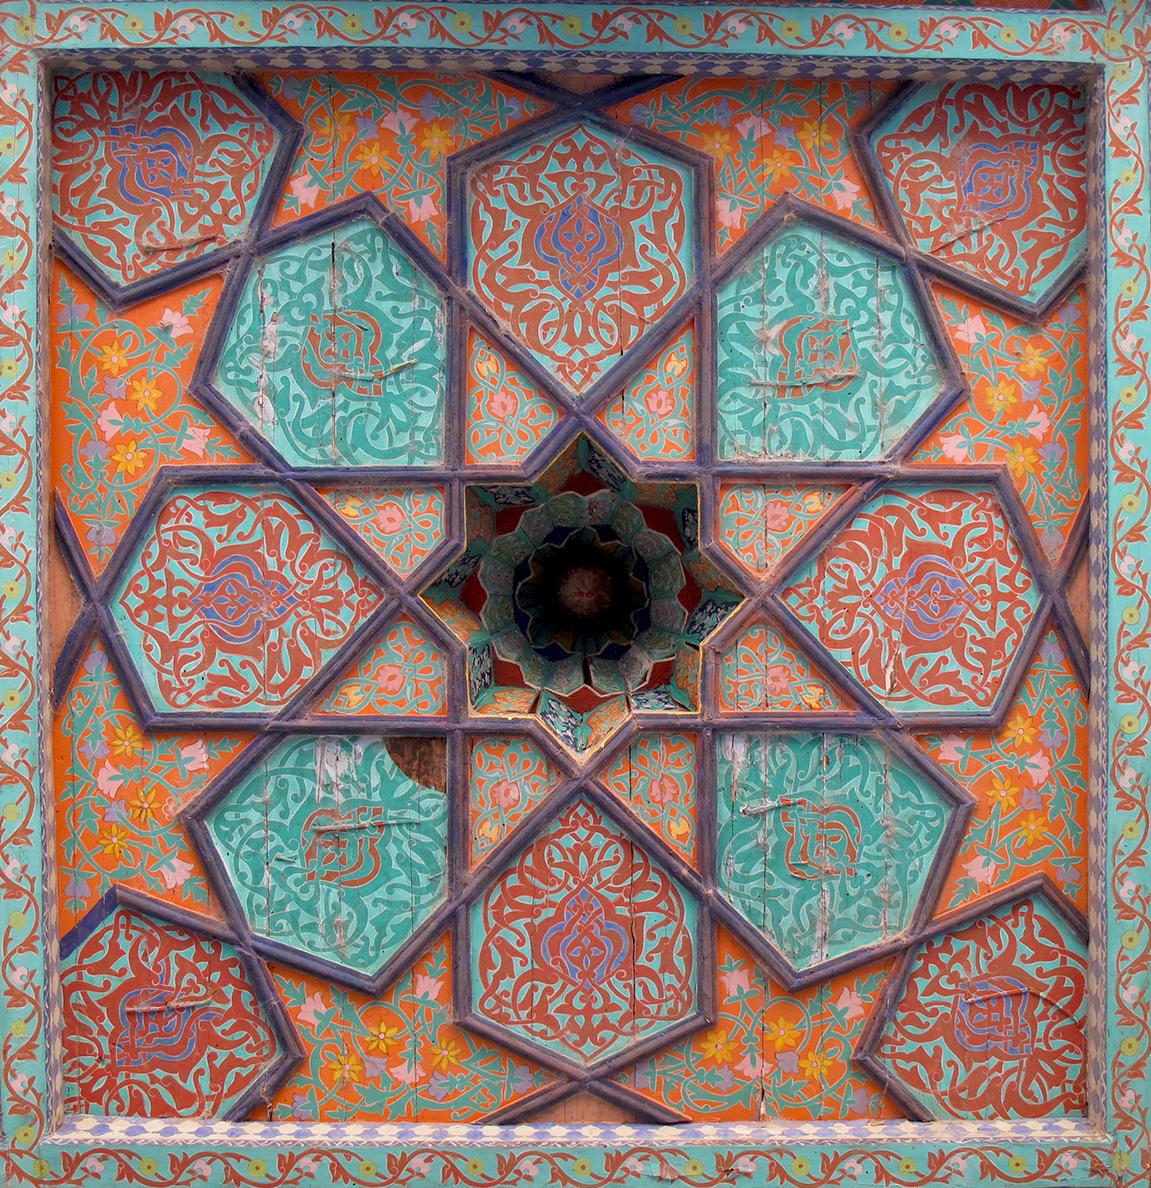 Ceiling in Tash-Hauli's Harem 1